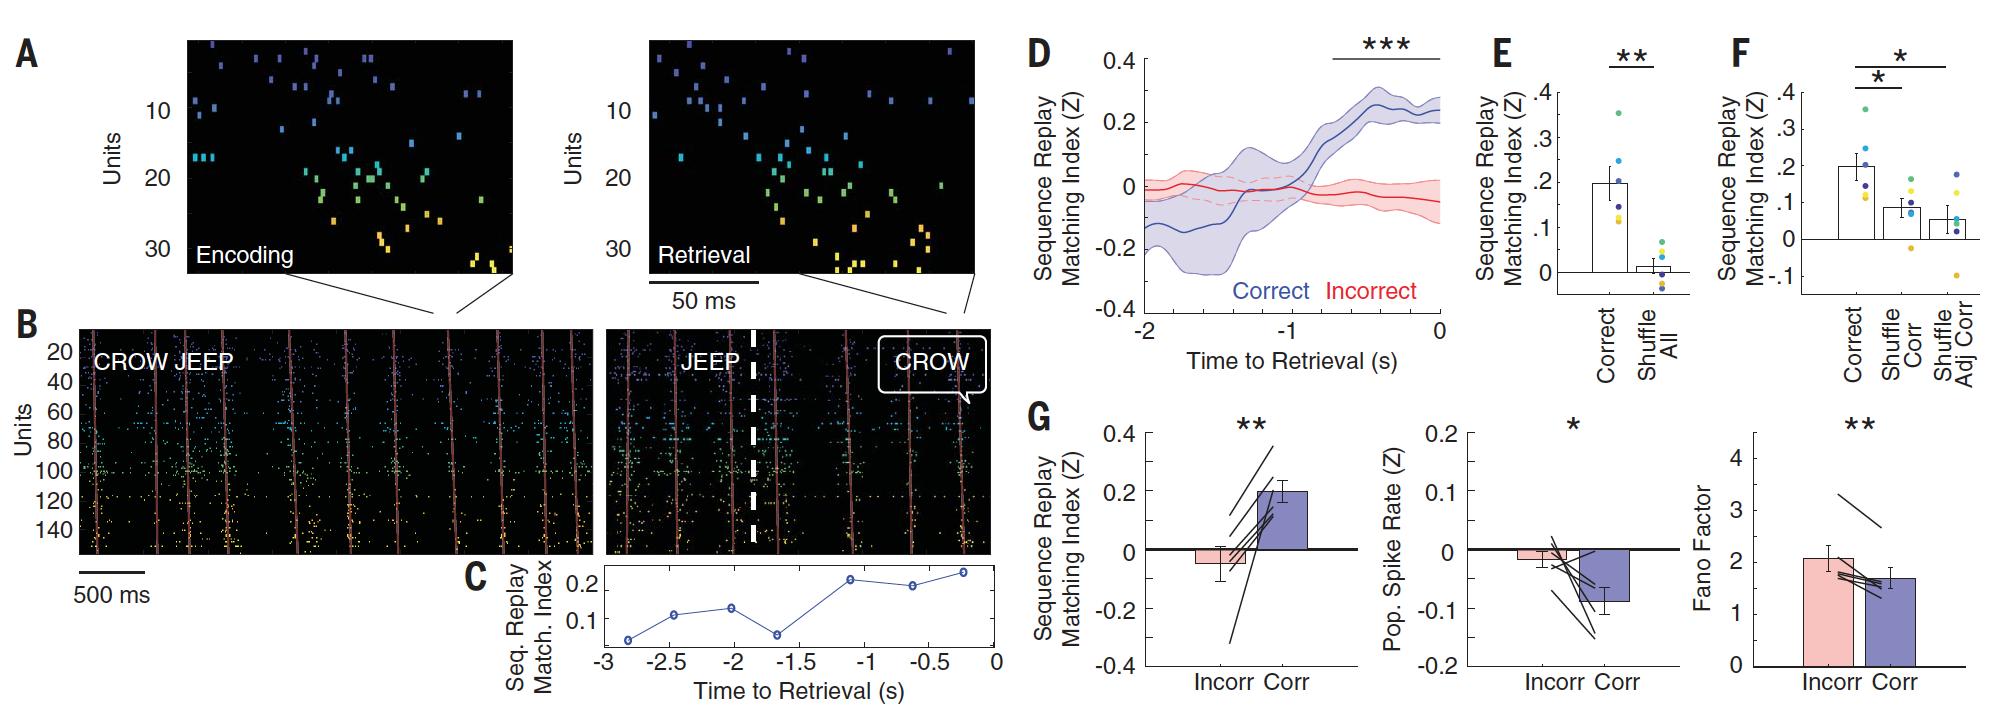 Архивы памяти: как мозг кодирует и воспроизводит воспоминания - 4